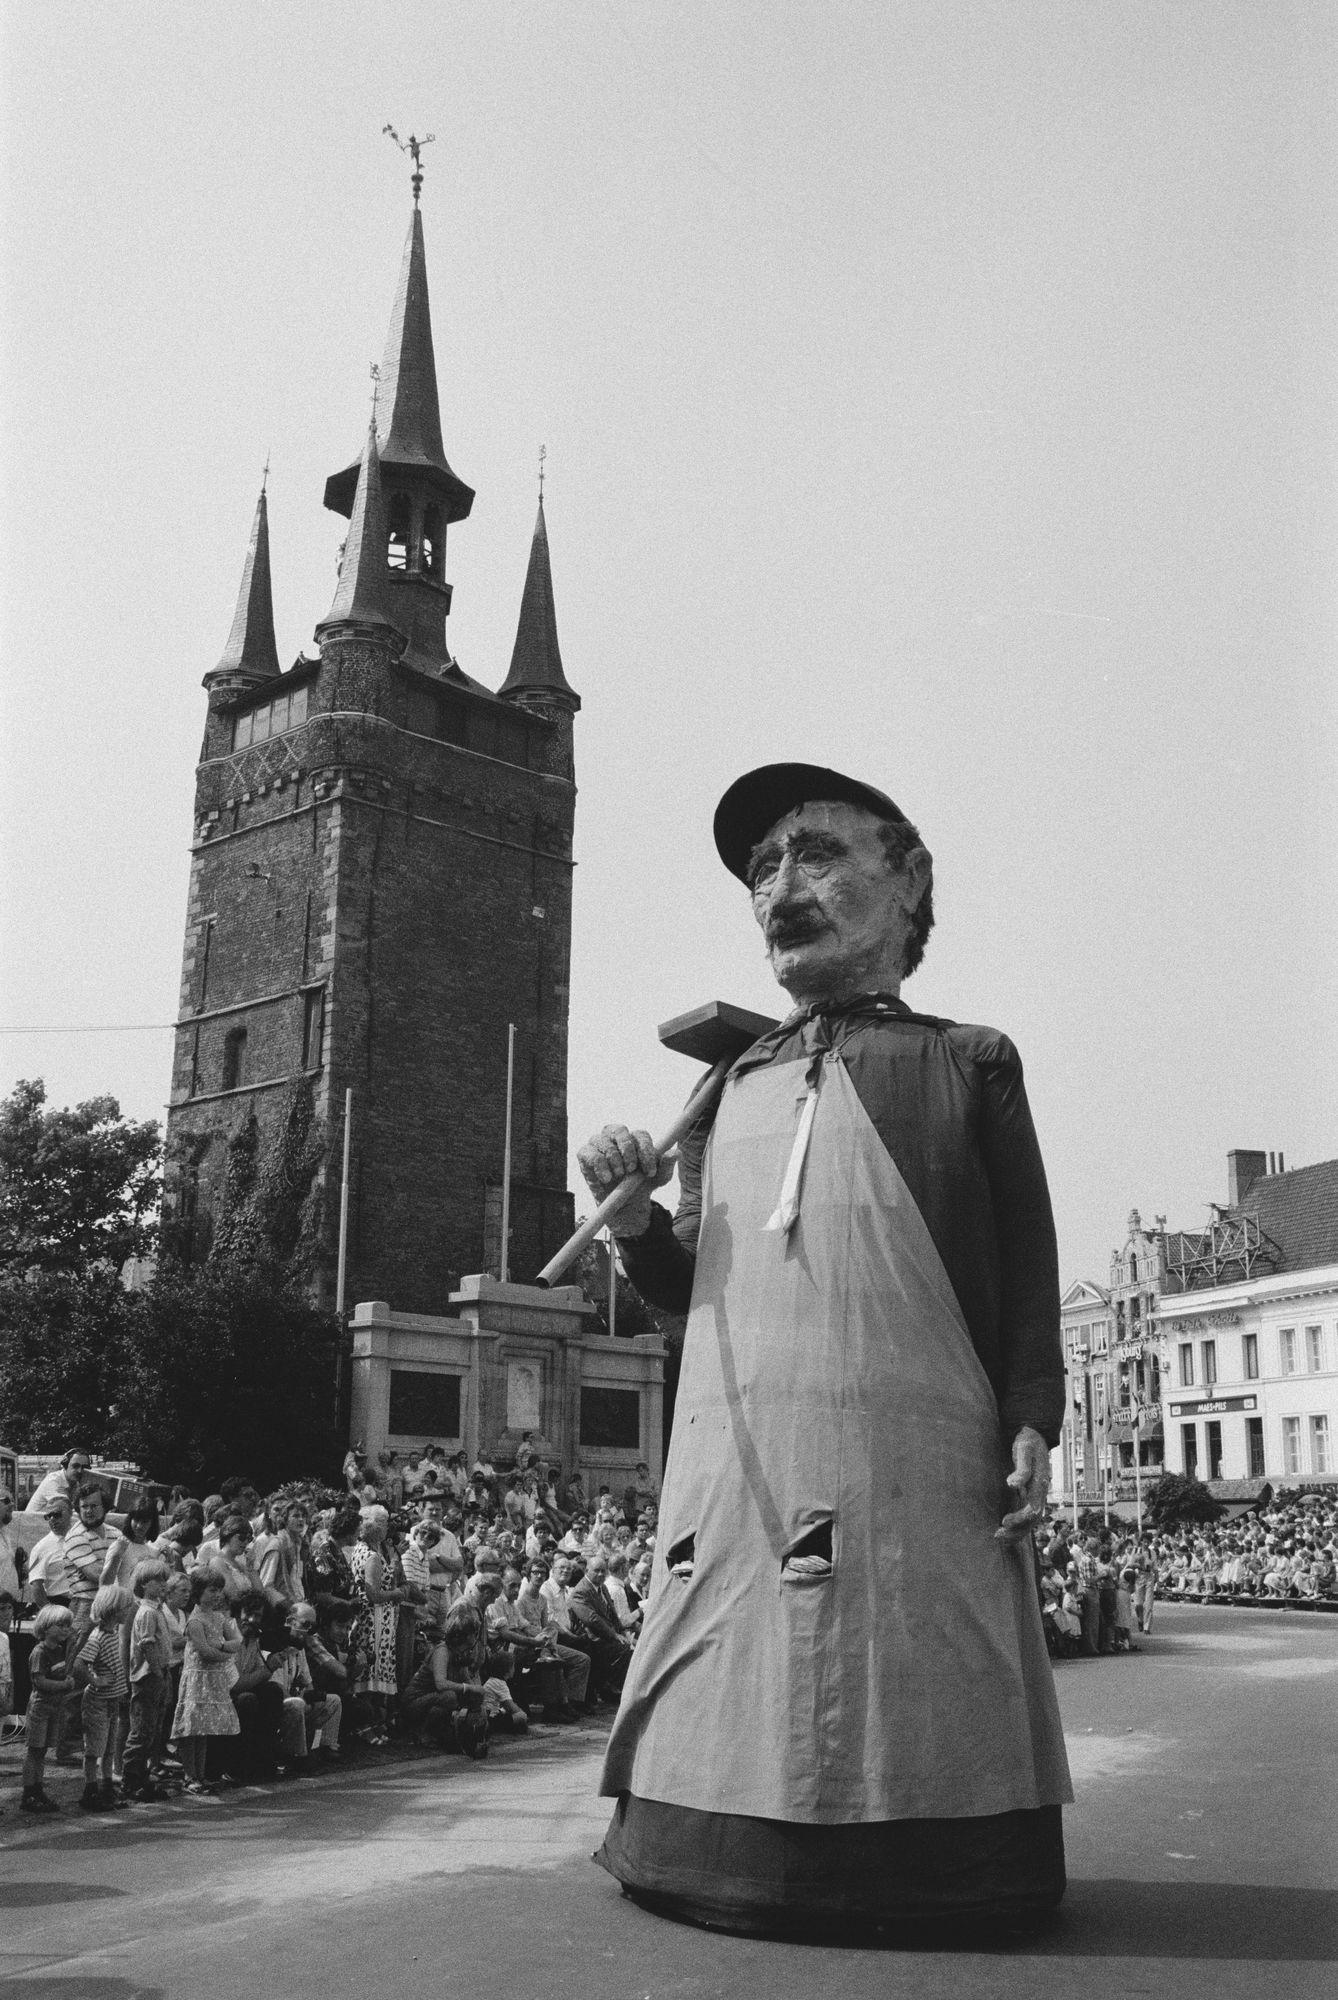 Reuzen in historische stoet tijdens de 11 juliviering 1982